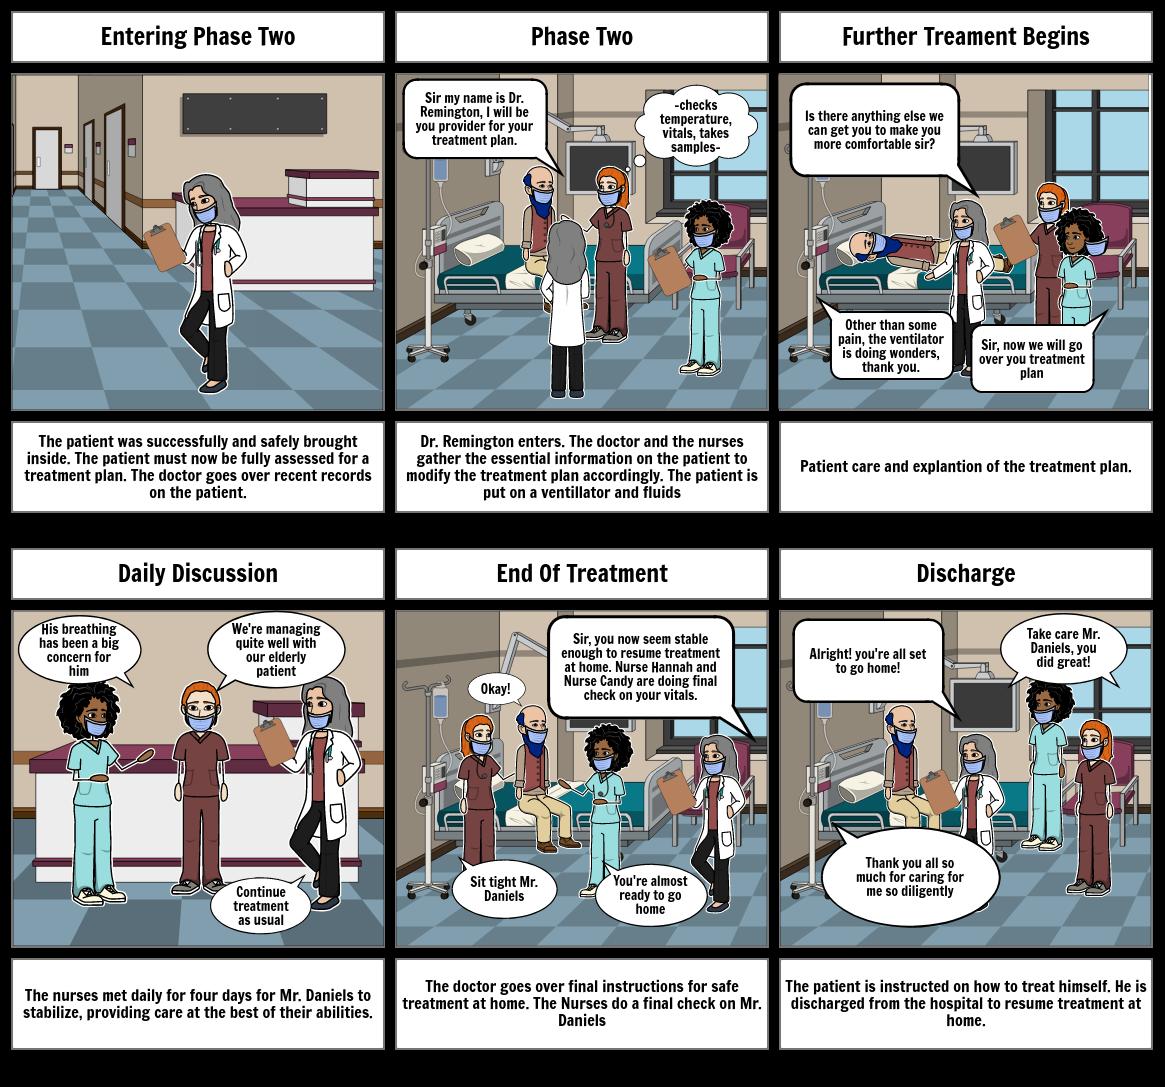 NURS111 Communication Project Assignment Part 2